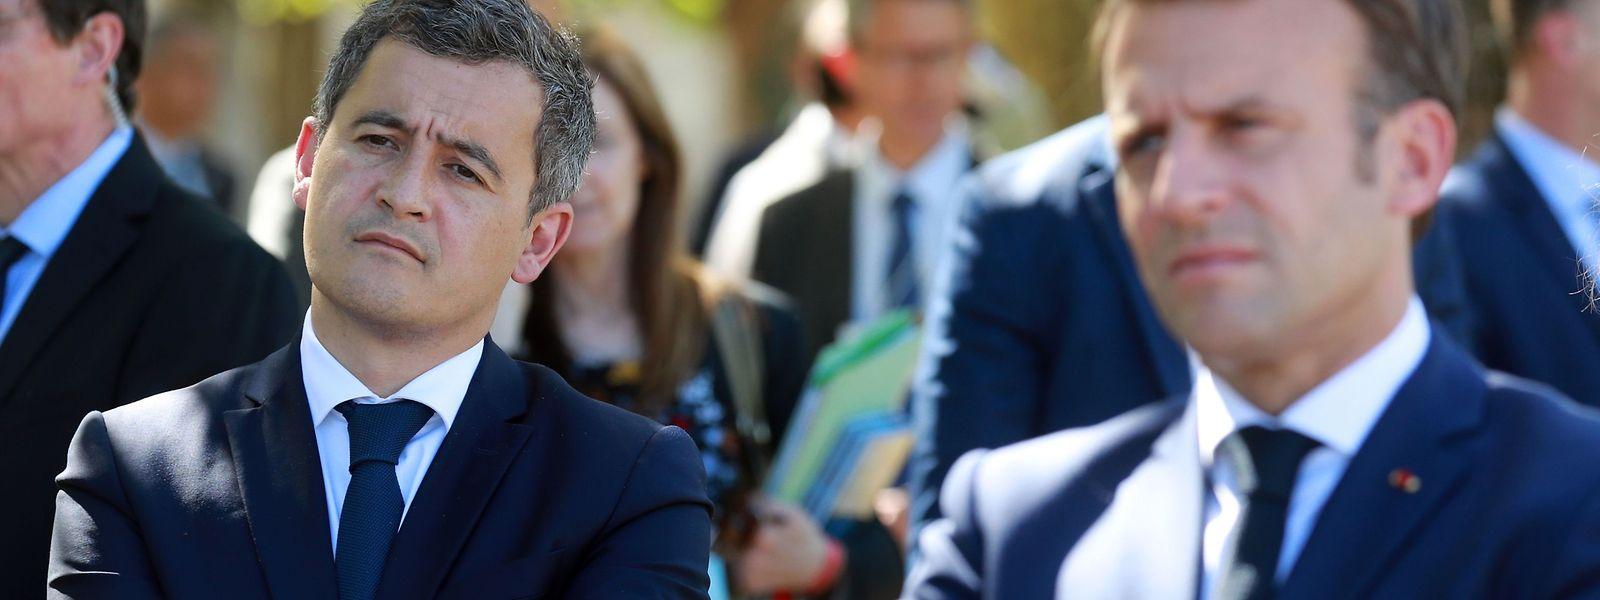 Innenminister Gérald Darmanin (links) ist zu einer wichtigen Waffe von Präsident Emmanuel Macron (rechts) im Kampf um konservative Stimmen geworden.